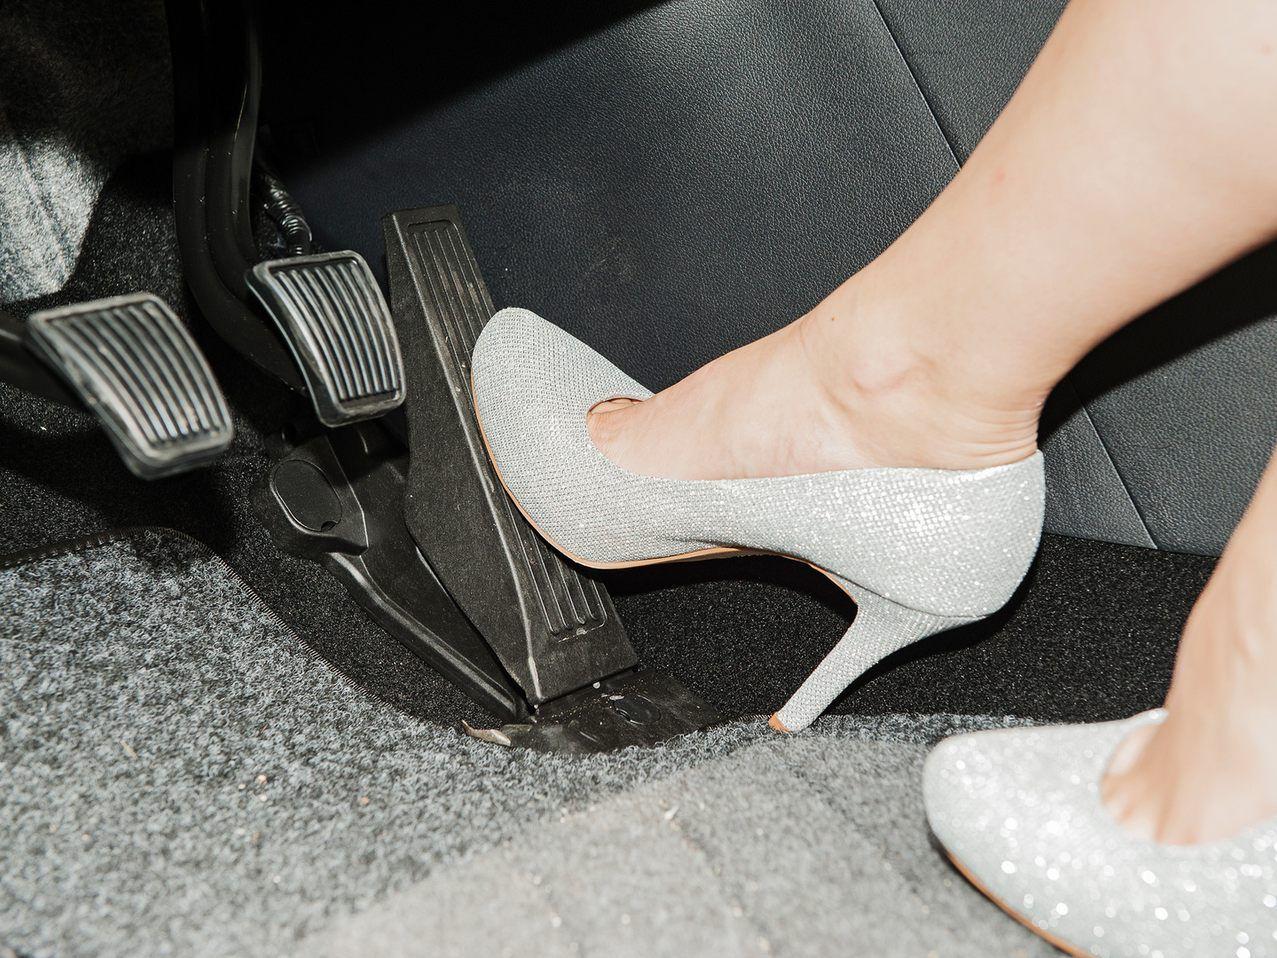 newest 68b89 1228a ÖAMTC warnt: Flip-Flops und High Heels gefährlich beim ...